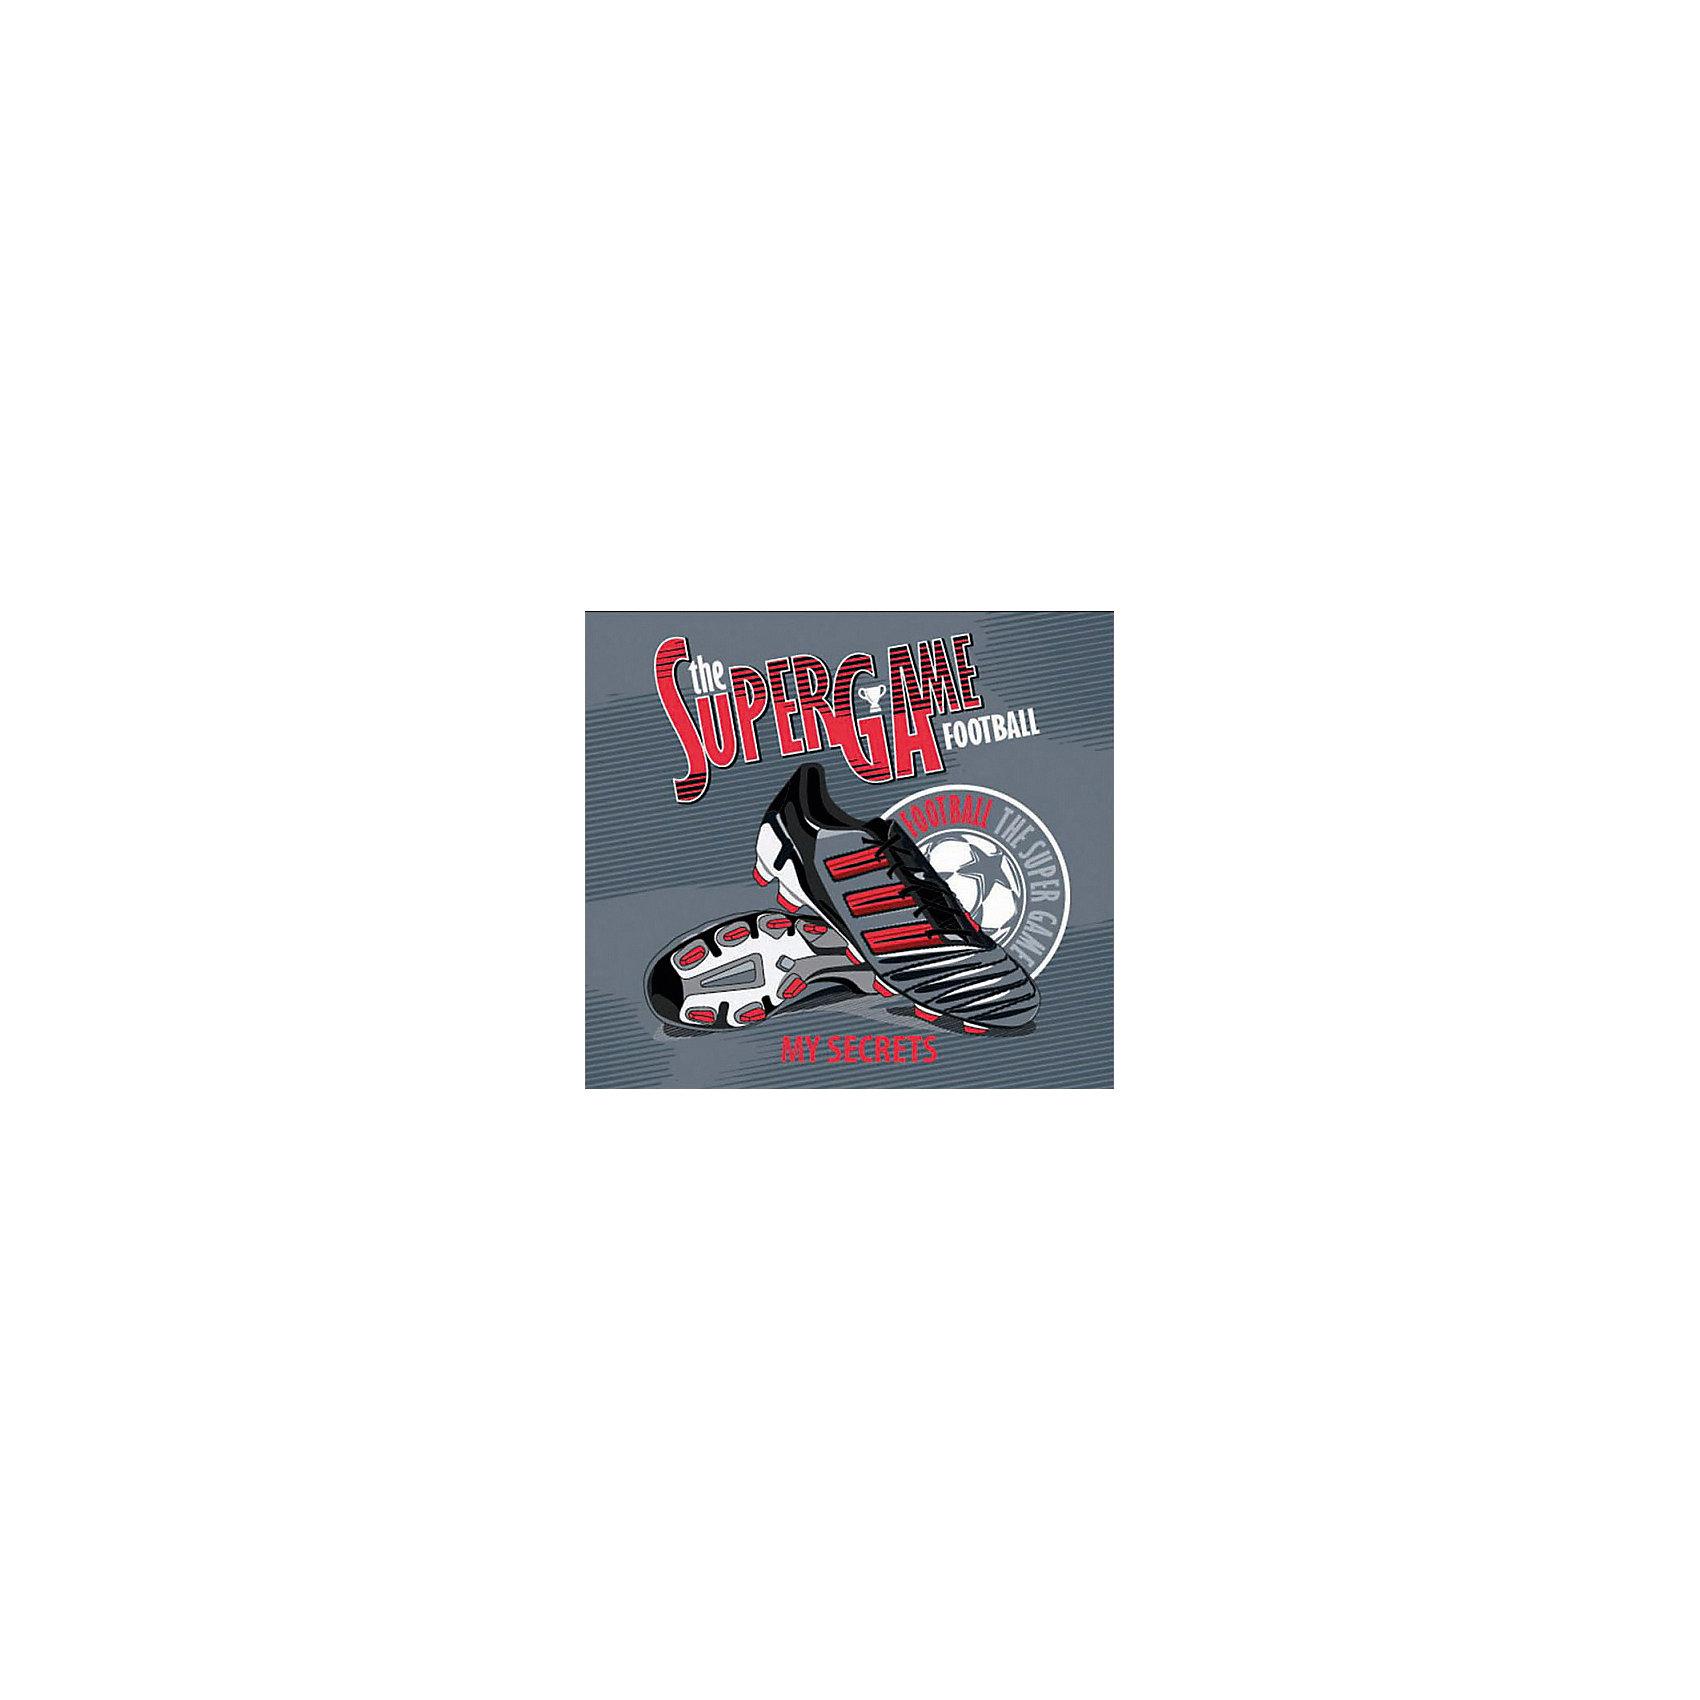 Органайзер трехблочный Супер игра  Феникс+Бумажная продукция<br>Органайзер трехблочный детский СУПЕР ИГРА (95х85мм, магнит. замок, обл. 7 БЦ, глянц. пленка, тисн. красн. фольгой,  бум. офсет, одноцв. печать блока. 3 отрывных блока (30 л., 60л., 28л.), Инд. ПЭТ-упак.)<br><br>Ширина мм: 90<br>Глубина мм: 90<br>Высота мм: 25<br>Вес г: 125<br>Возраст от месяцев: 72<br>Возраст до месяцев: 2147483647<br>Пол: Унисекс<br>Возраст: Детский<br>SKU: 7046269